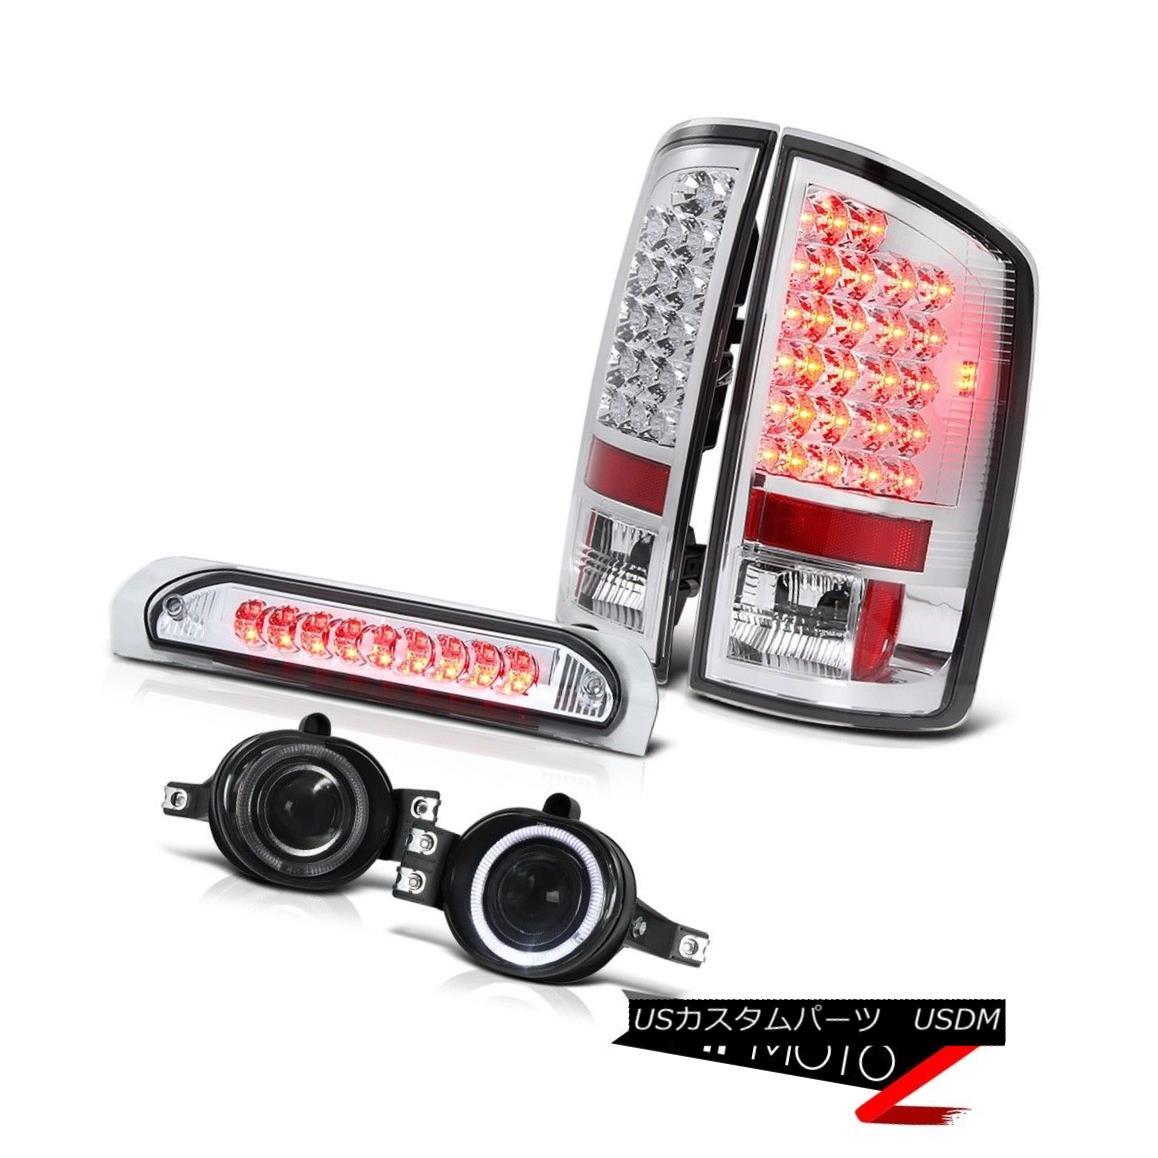 テールライト L+R Chrome LED Tail Light+3rd Brake+Halo Projector Fog Lamp 2002-2006 Dodge RAM L + RクロームLEDテールライト+第3ブレーキ+ハロープロジェクターフォグランプ2002-2006 Dodge RAM